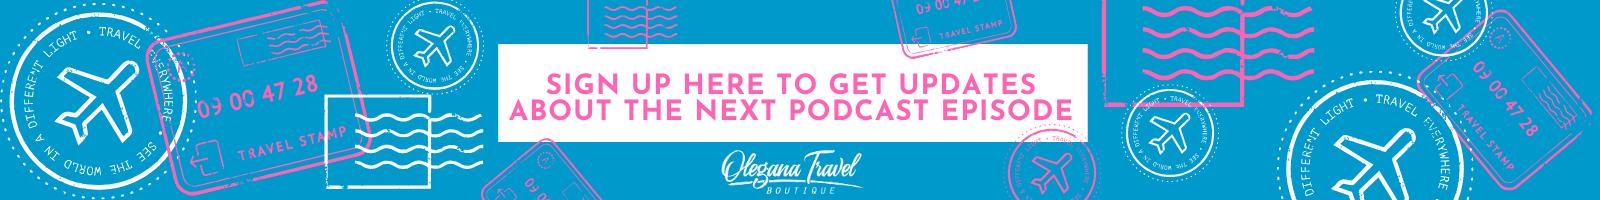 Banner - sign up for podcast updates - Olegana Travel Boutique